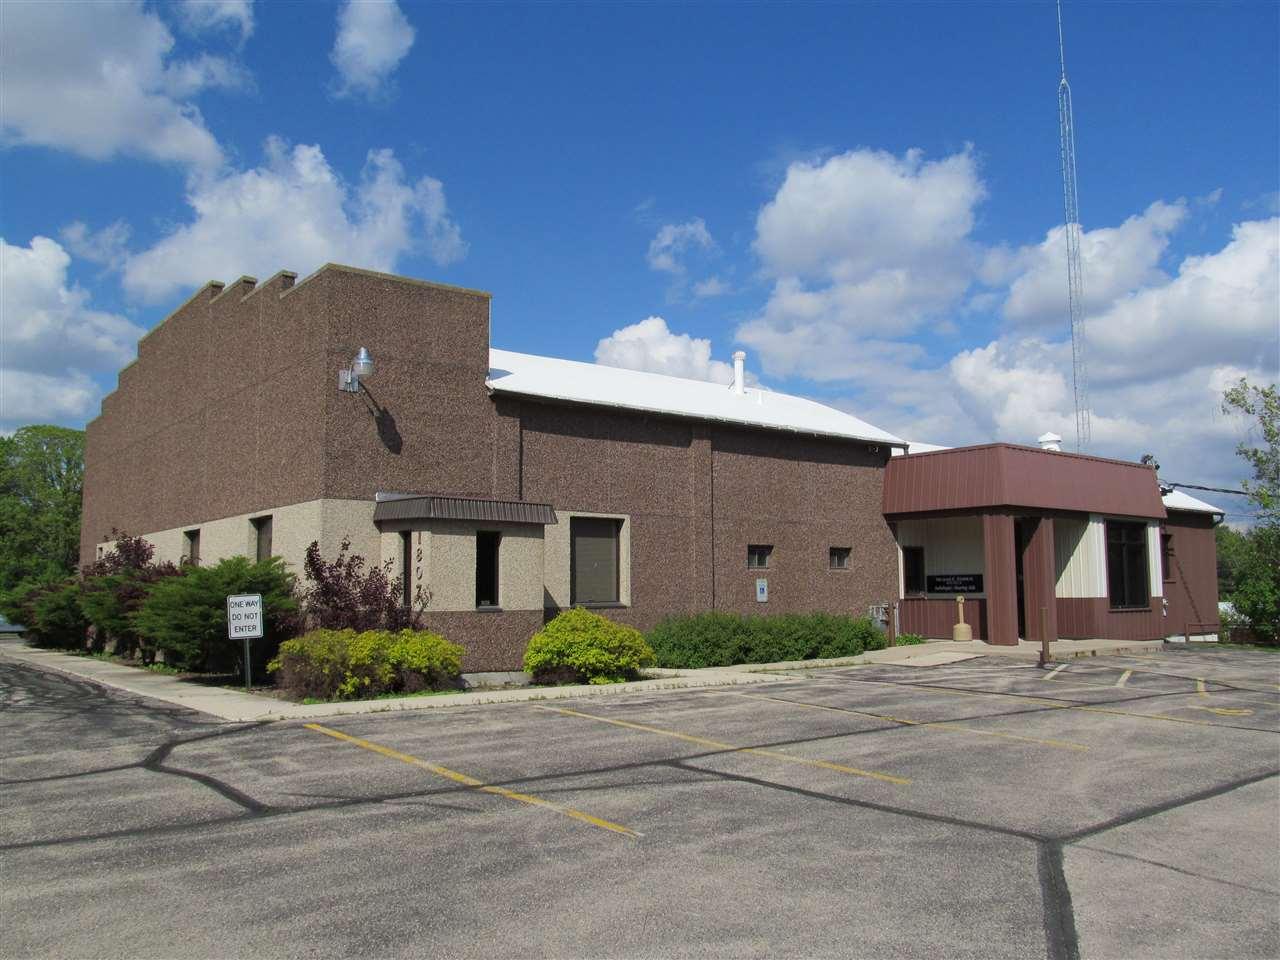 1807 N Center St, Beaver Dam, WI 53916